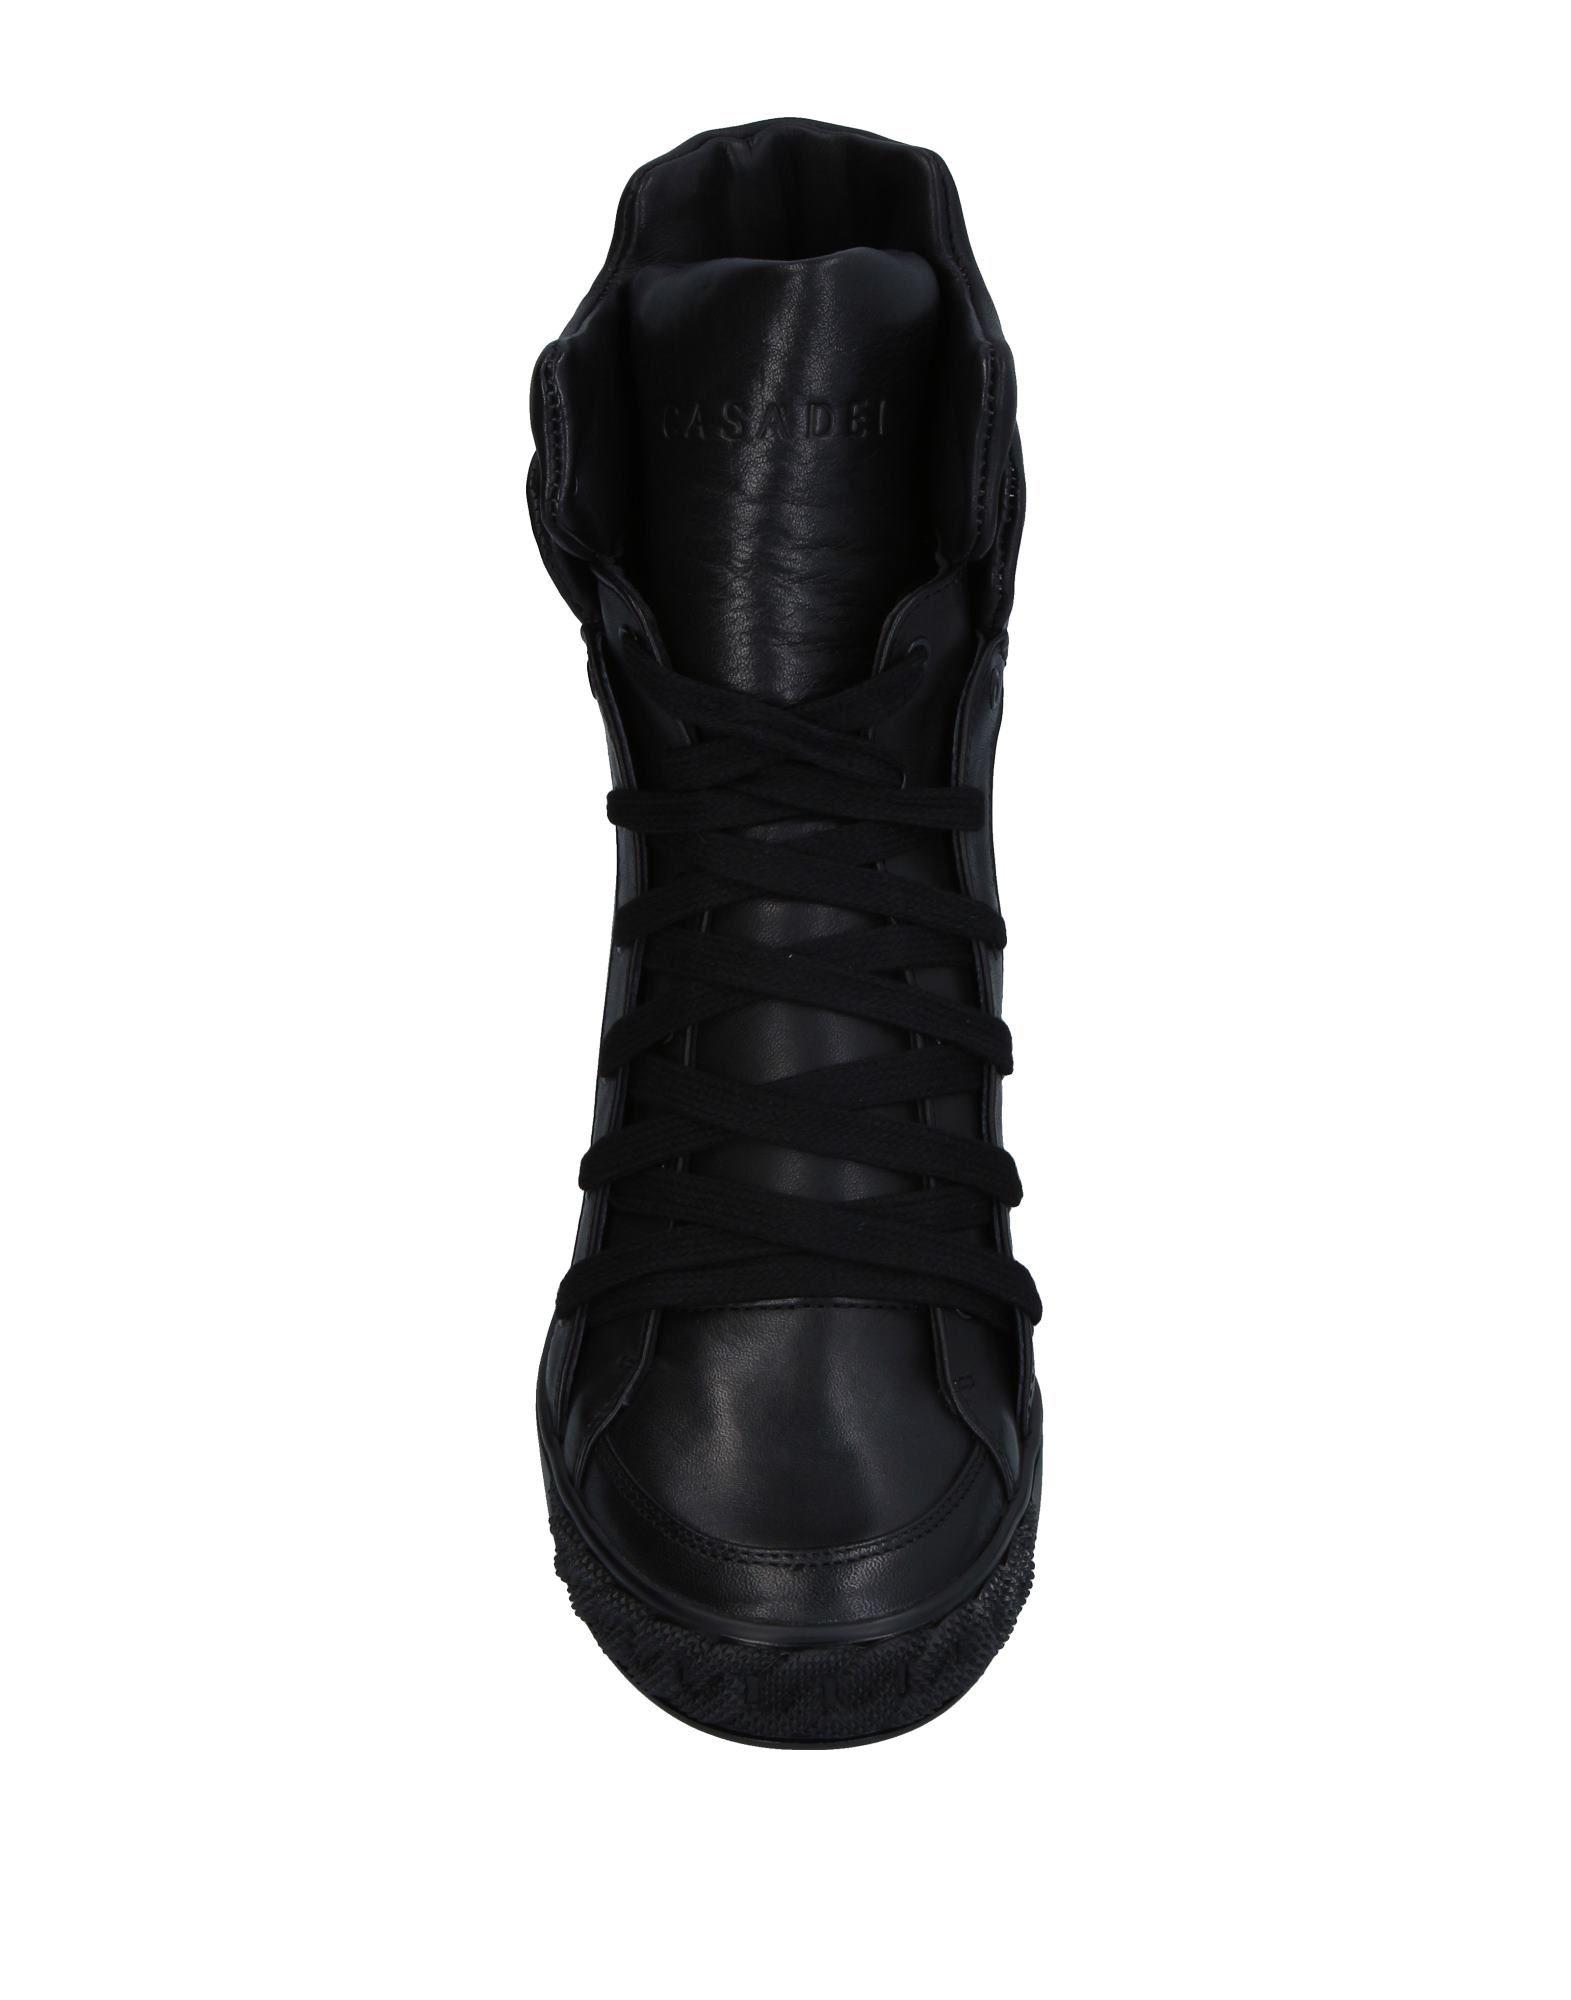 Rabatt Schuhe Casadei Sneakers Damen  11321395VU